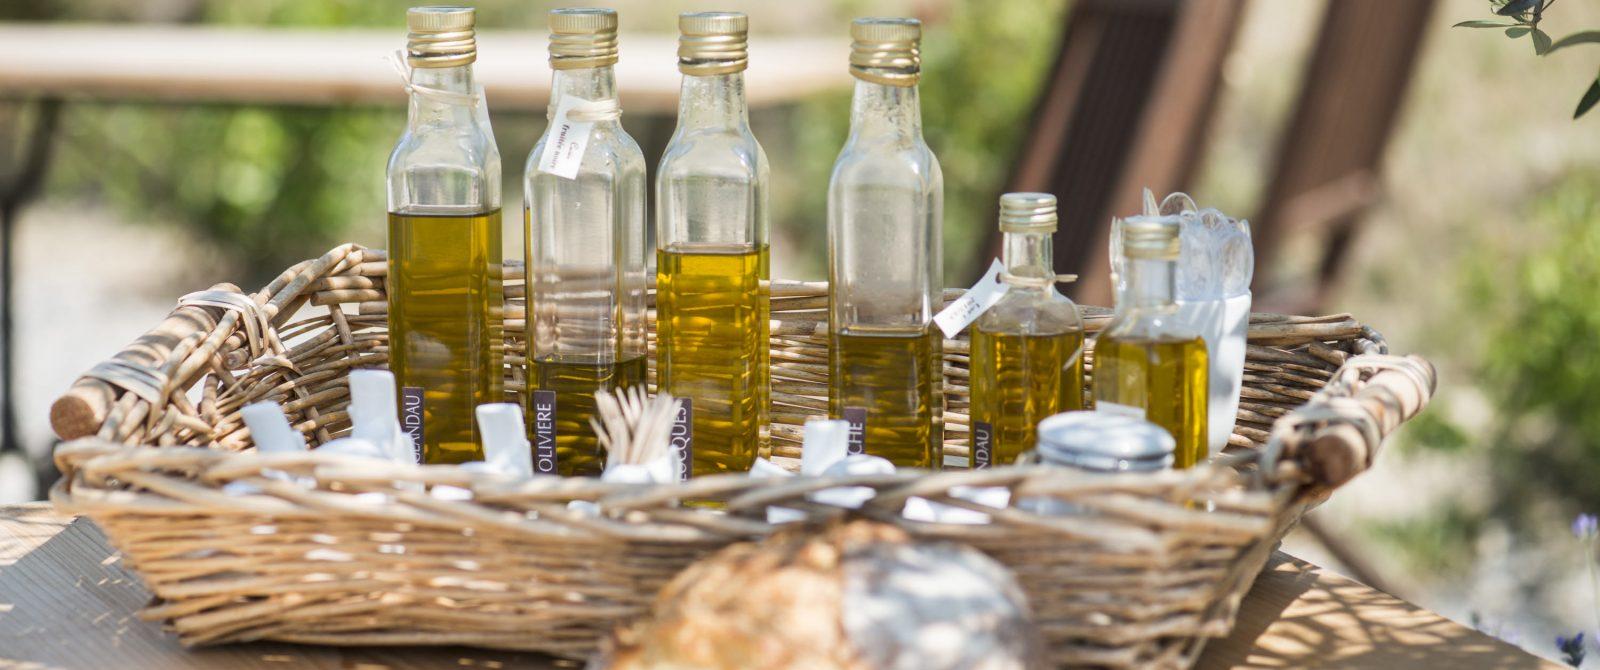 huile d'olive dans l'Aude